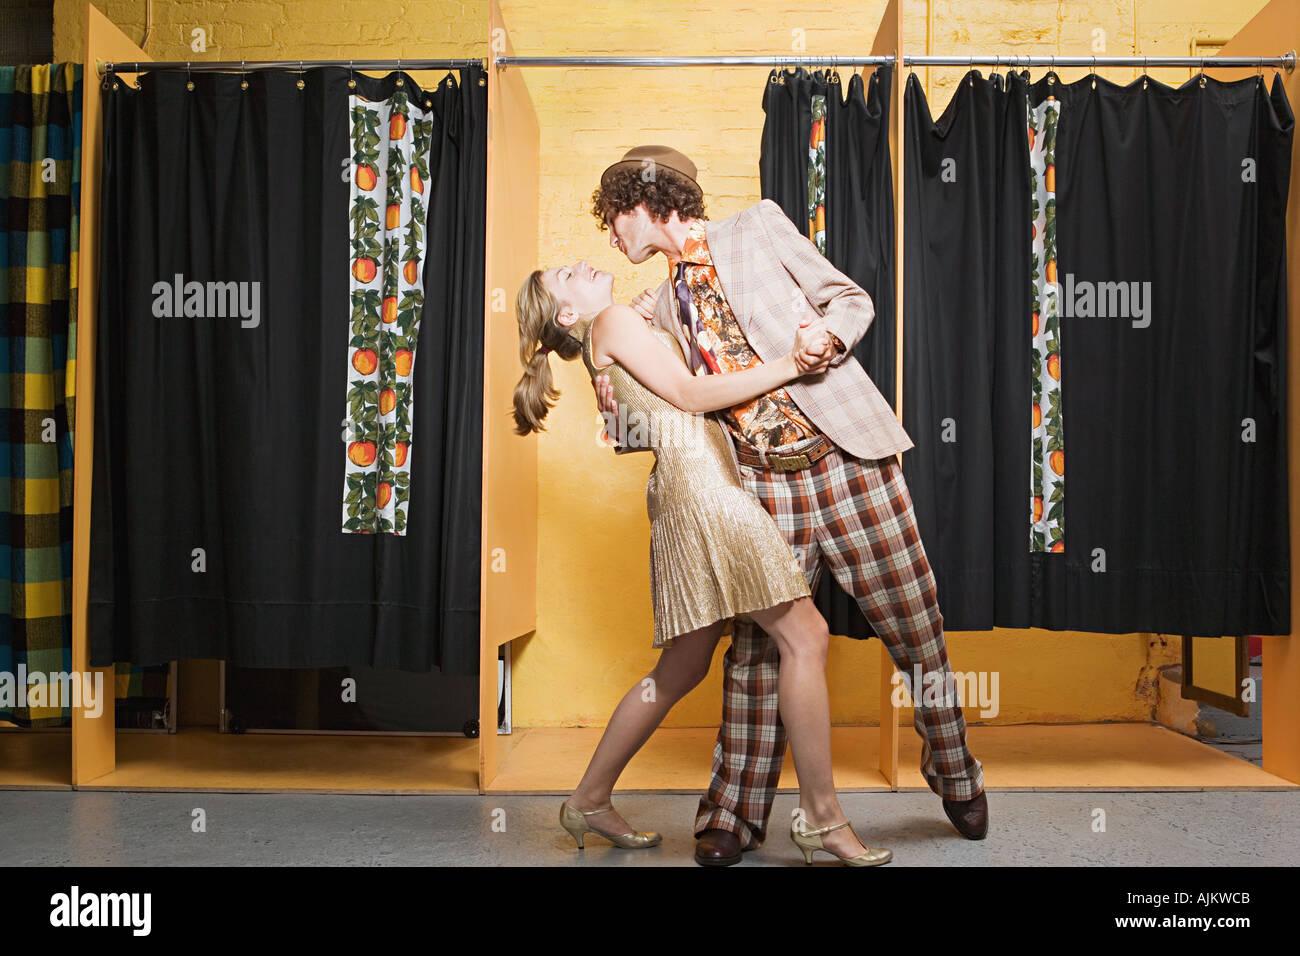 Retro-Paare tanzen in Bekleidungsgeschäft Stockbild